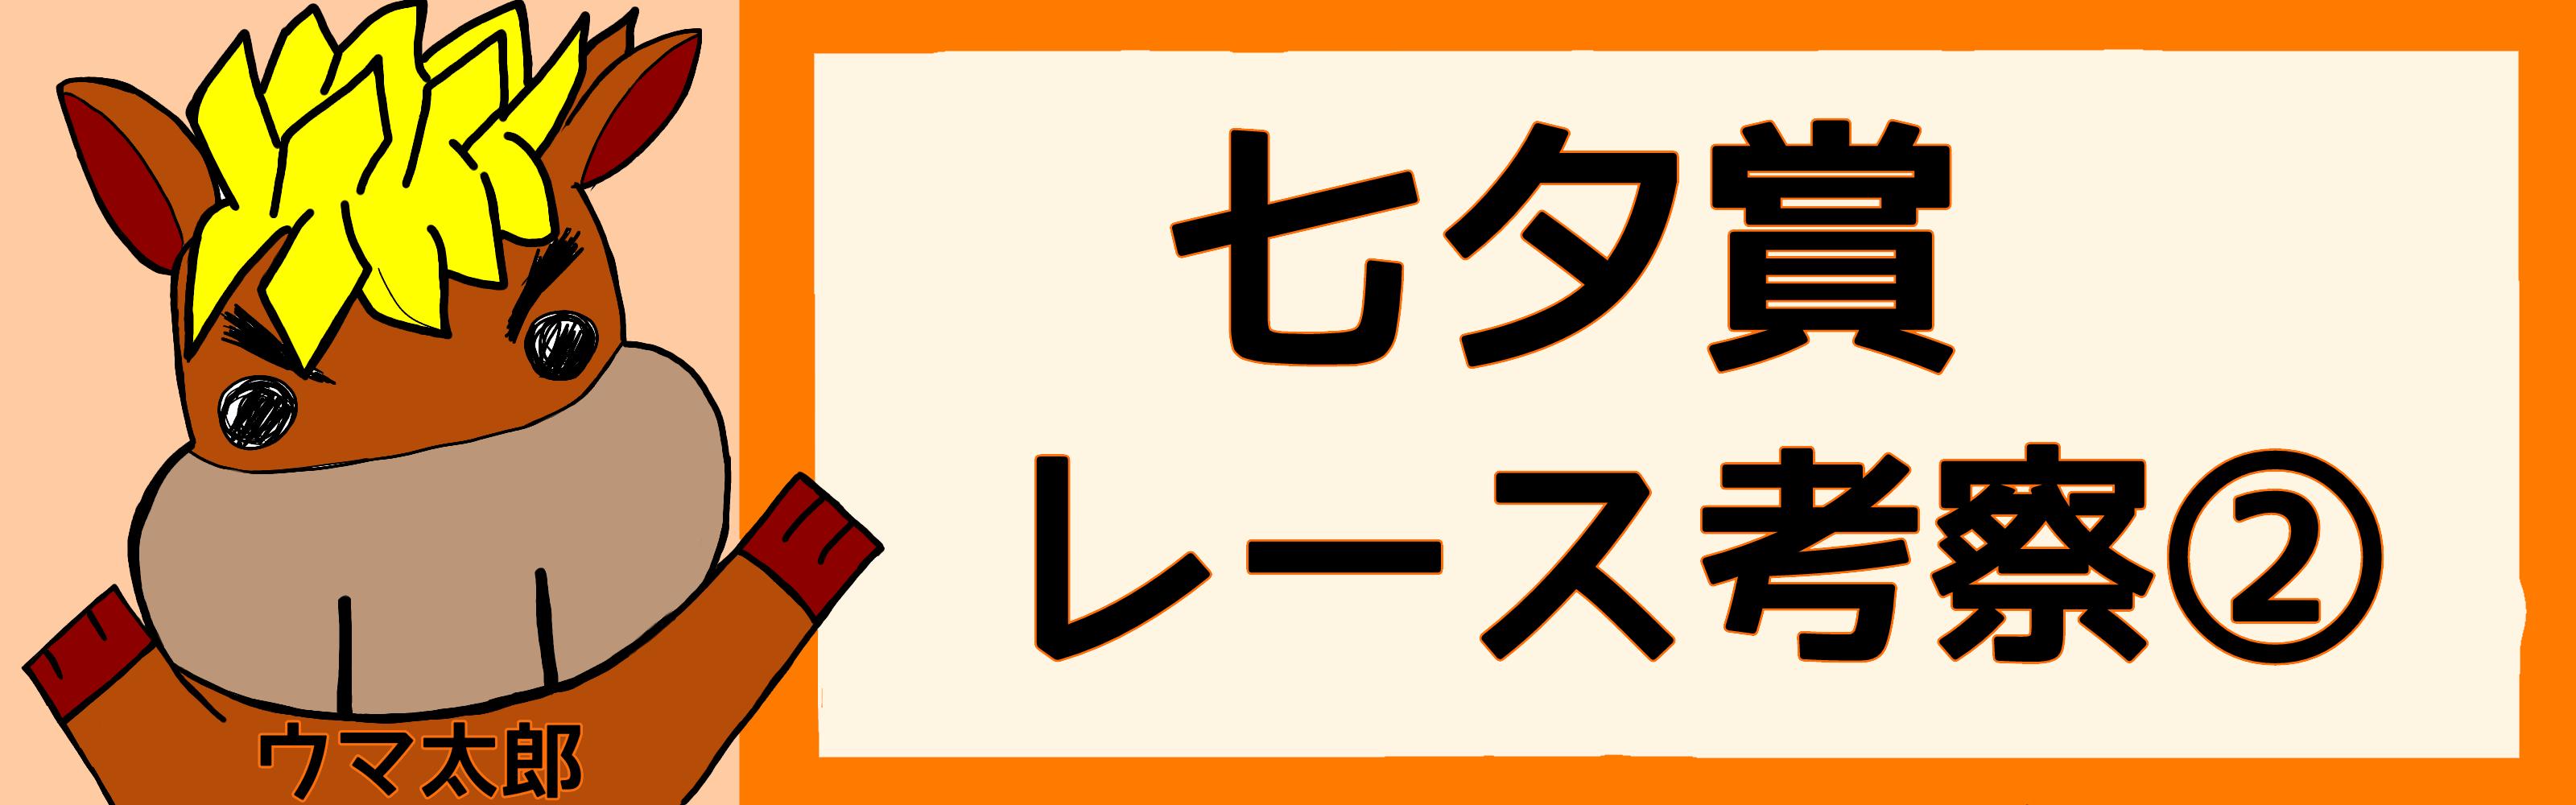 七夕賞 考察②